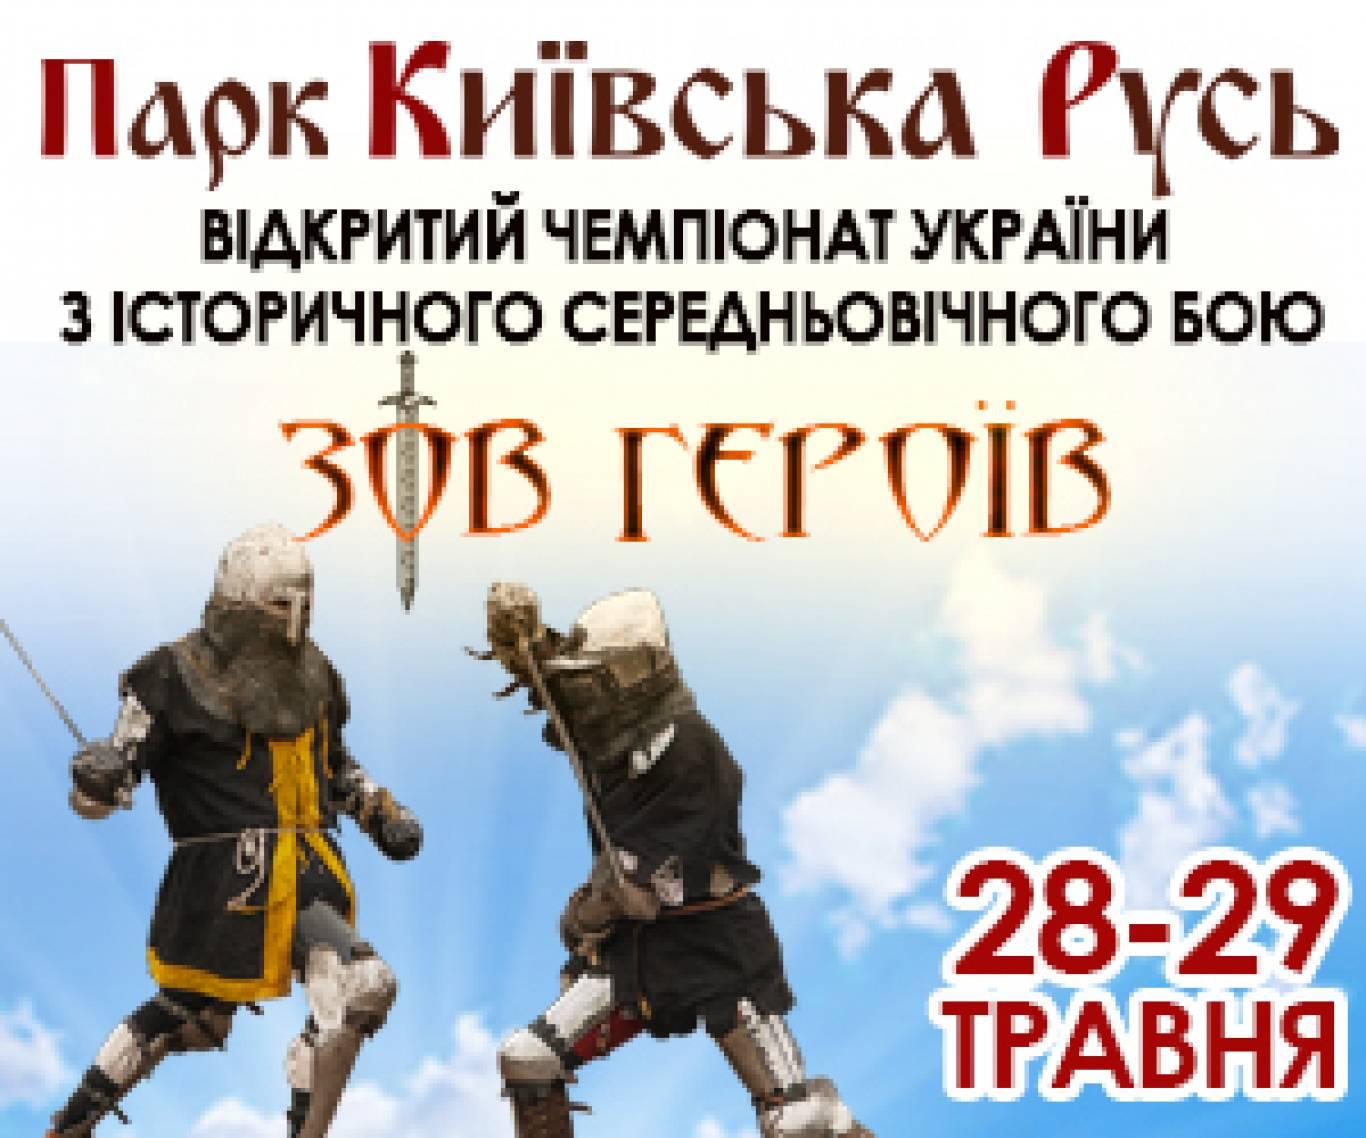 Чемпіонат України з середньовічного бою «Зов героїв»